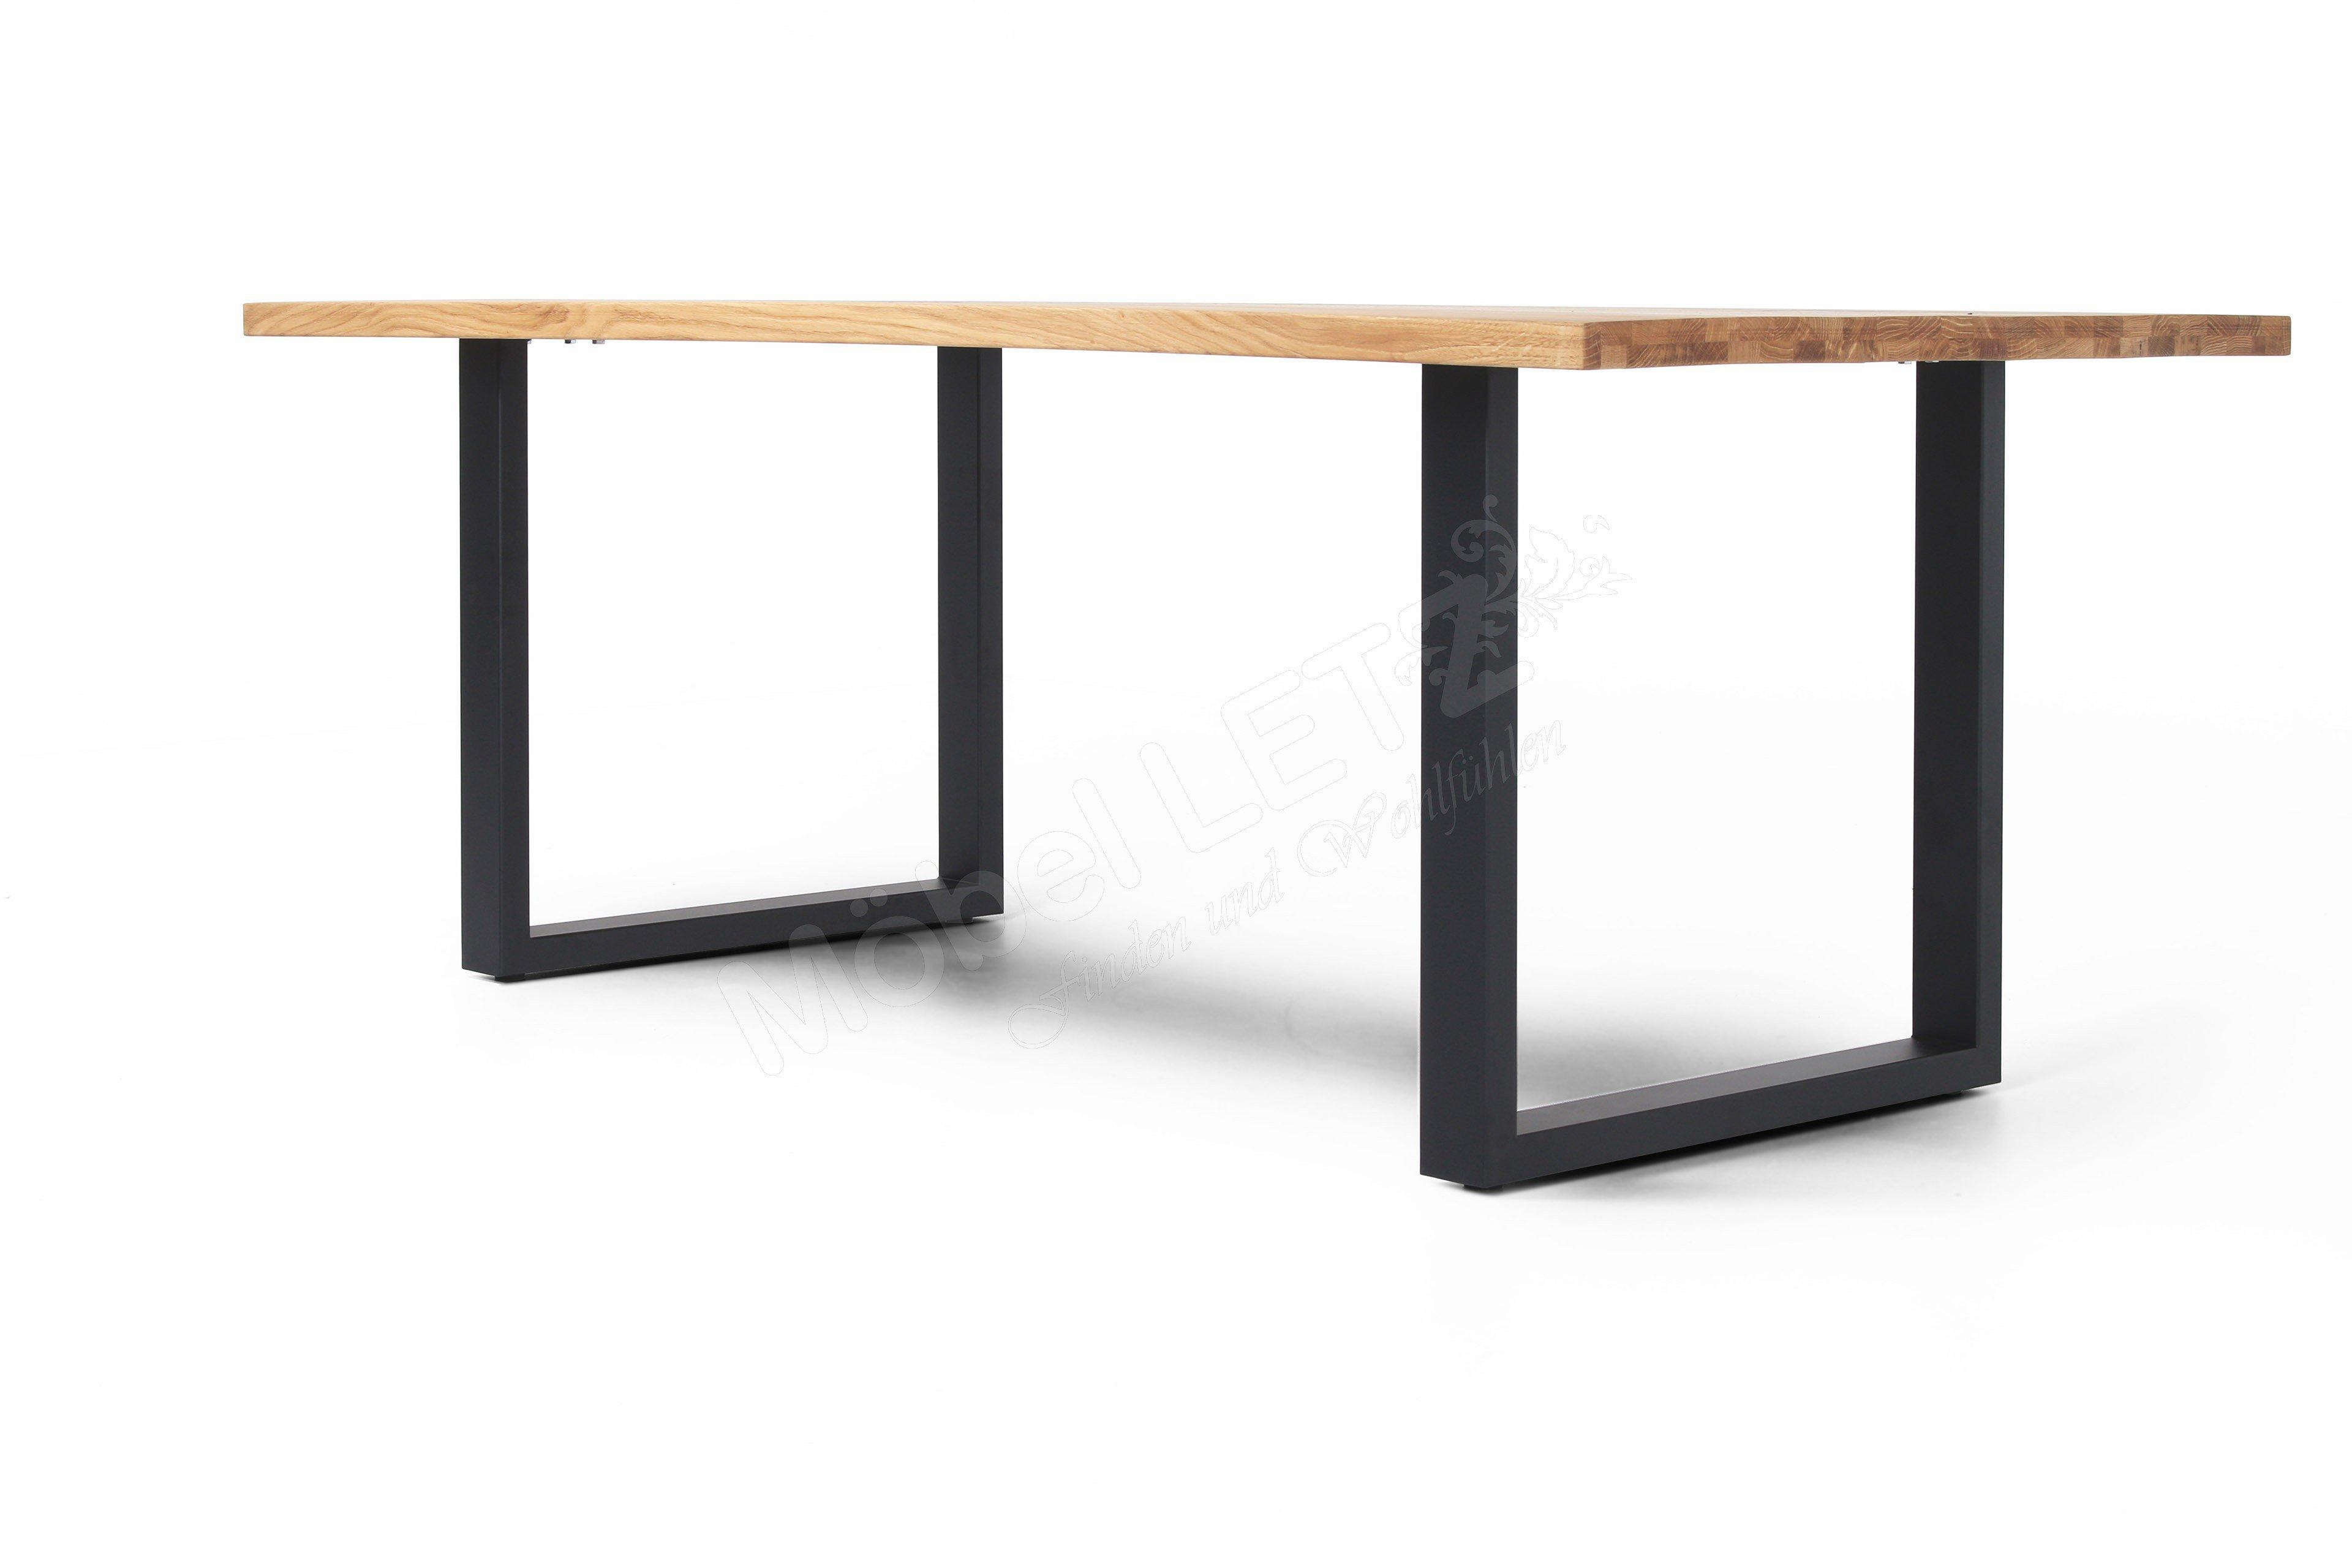 esstisch brooklyn wildeiche natur m bel letz ihr online shop. Black Bedroom Furniture Sets. Home Design Ideas